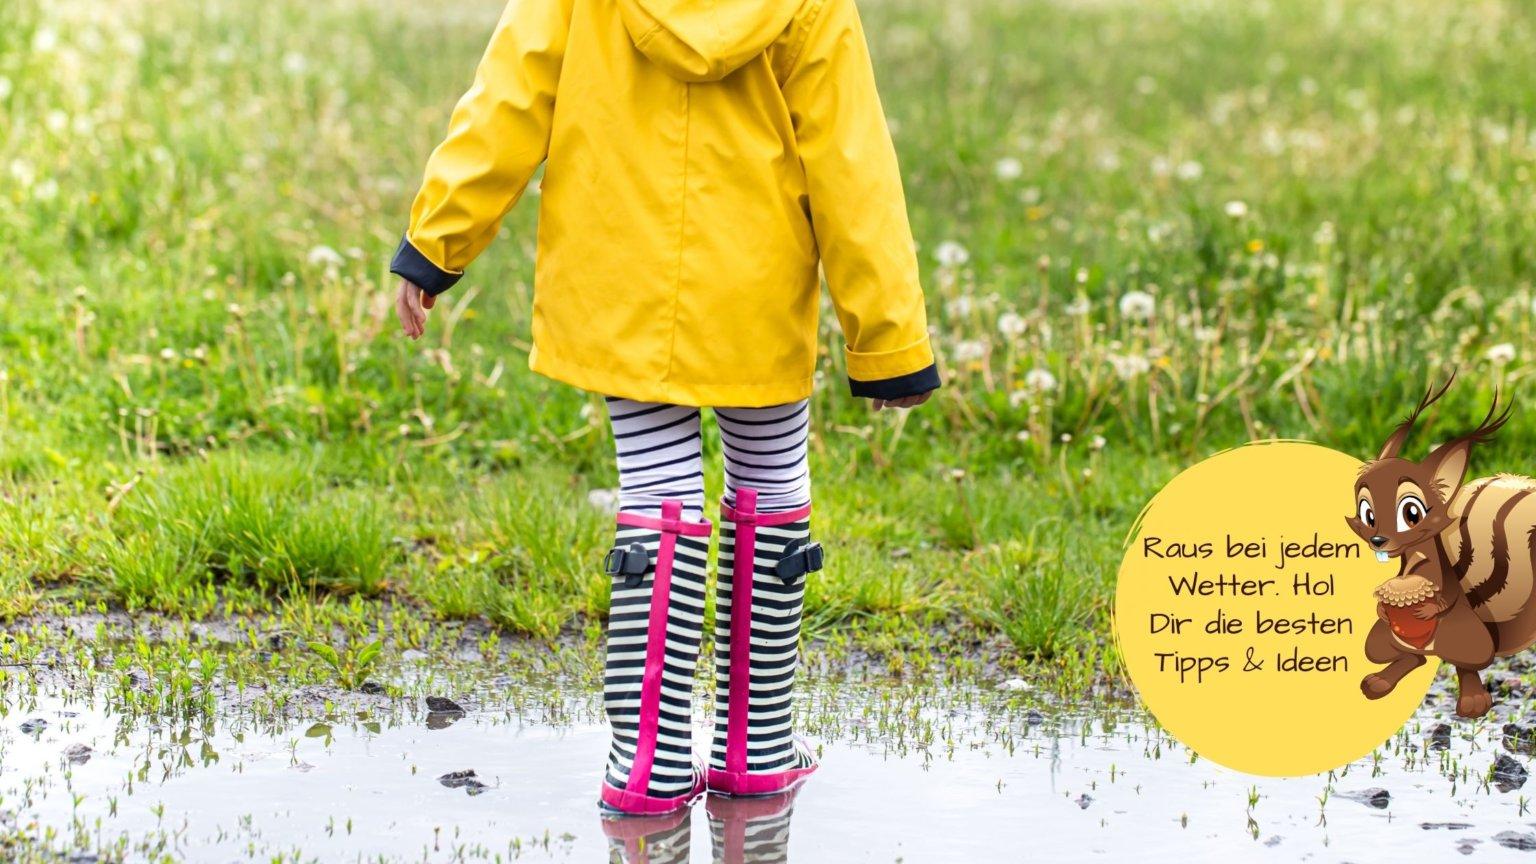 Kinder lüften bei jedem Wetter